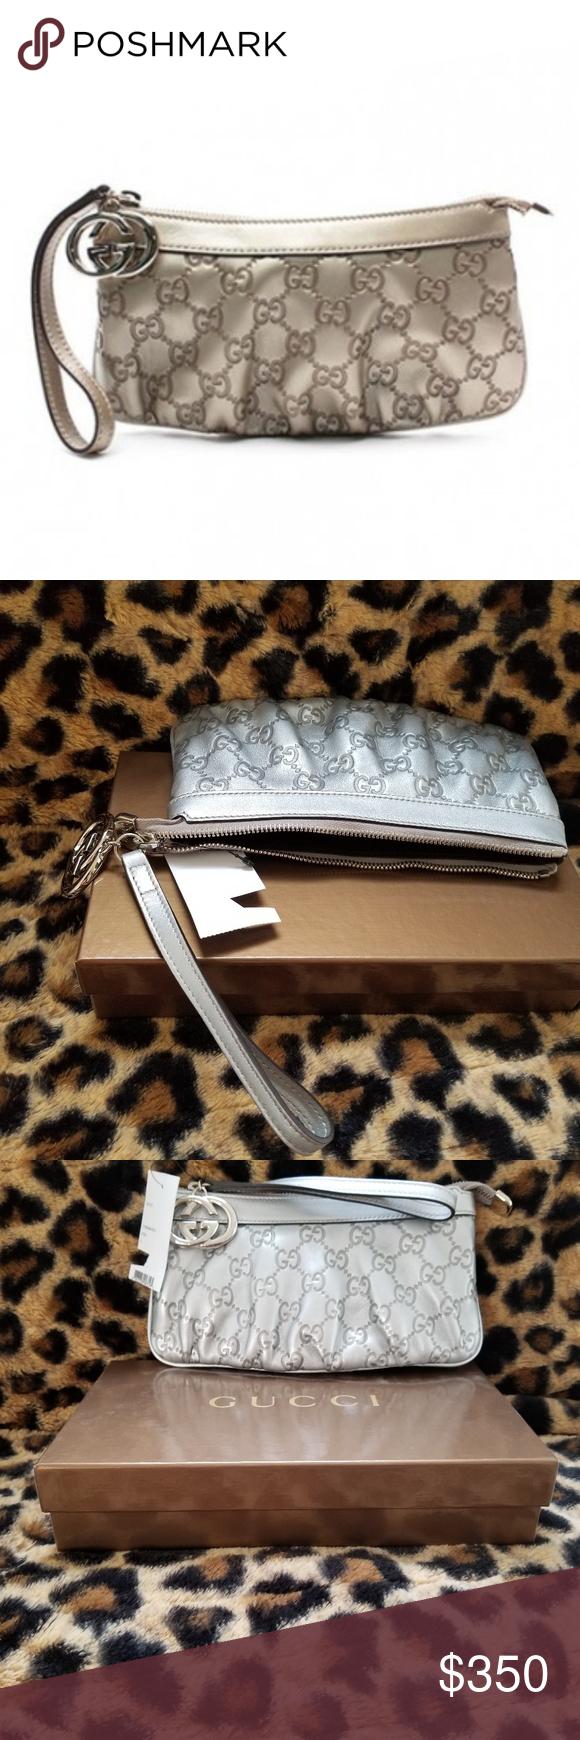 0c2008fdbc7 Gucci Guccissima Silver Britt Metallic Wristlet New in Box Size   Measurements  8.5